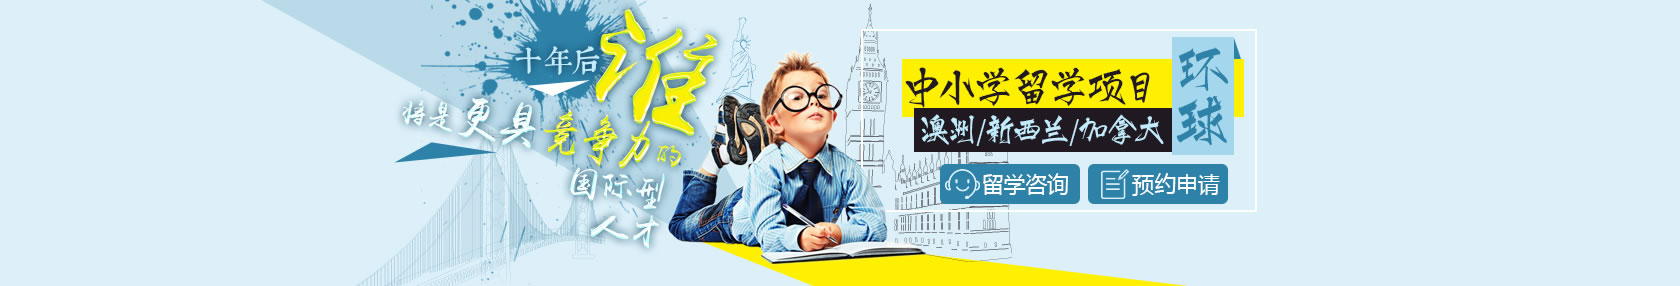 【环球移民】澳洲、新西兰、加拿大中小学留学项目咨询火热预约申请中